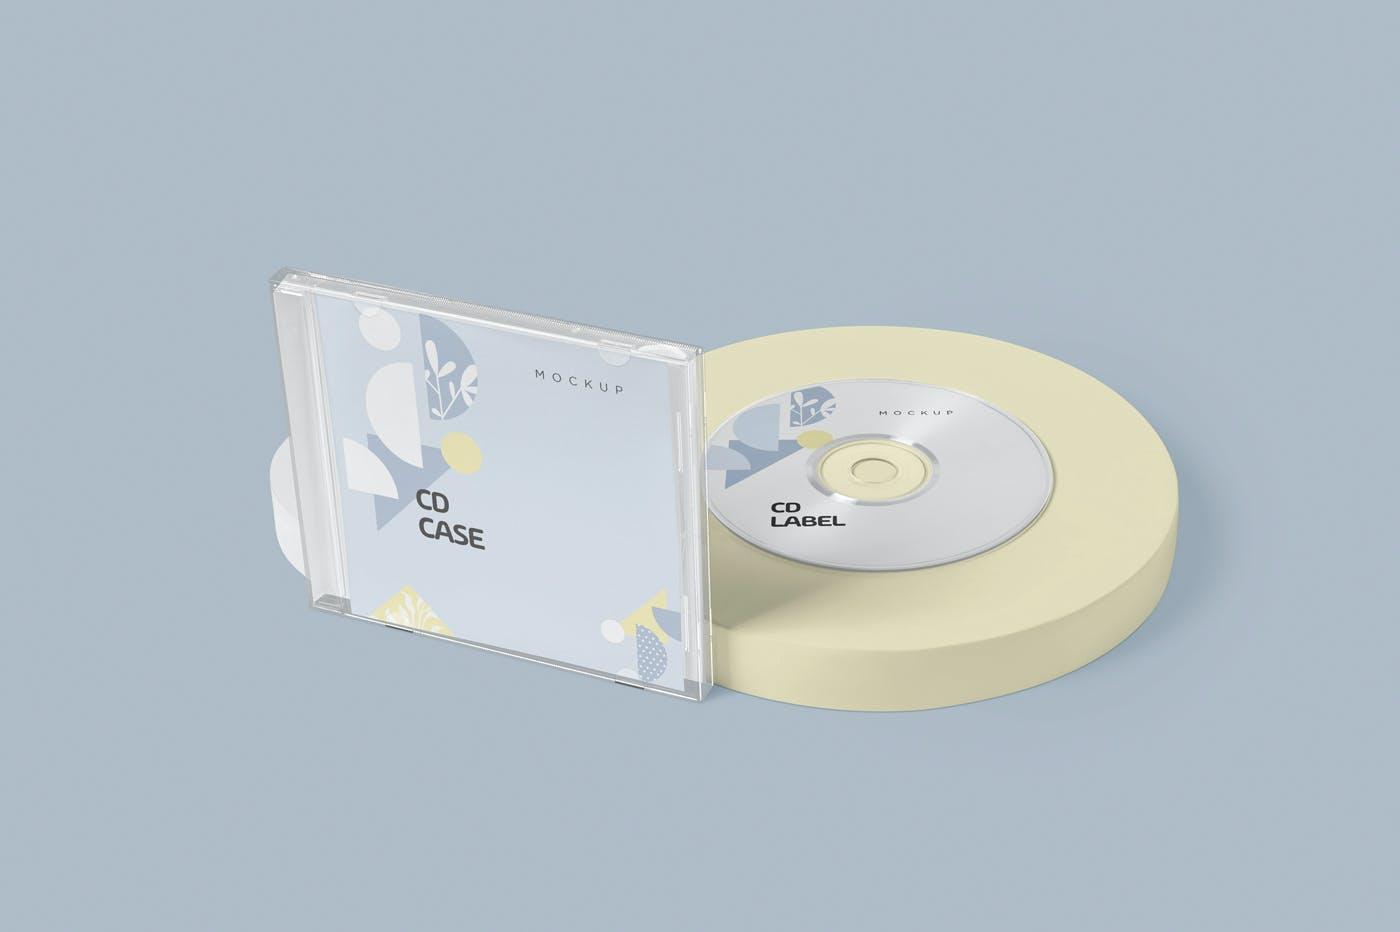 古典音乐CD标签和包装盒样机模版素材9GZQ7EC插图(6)